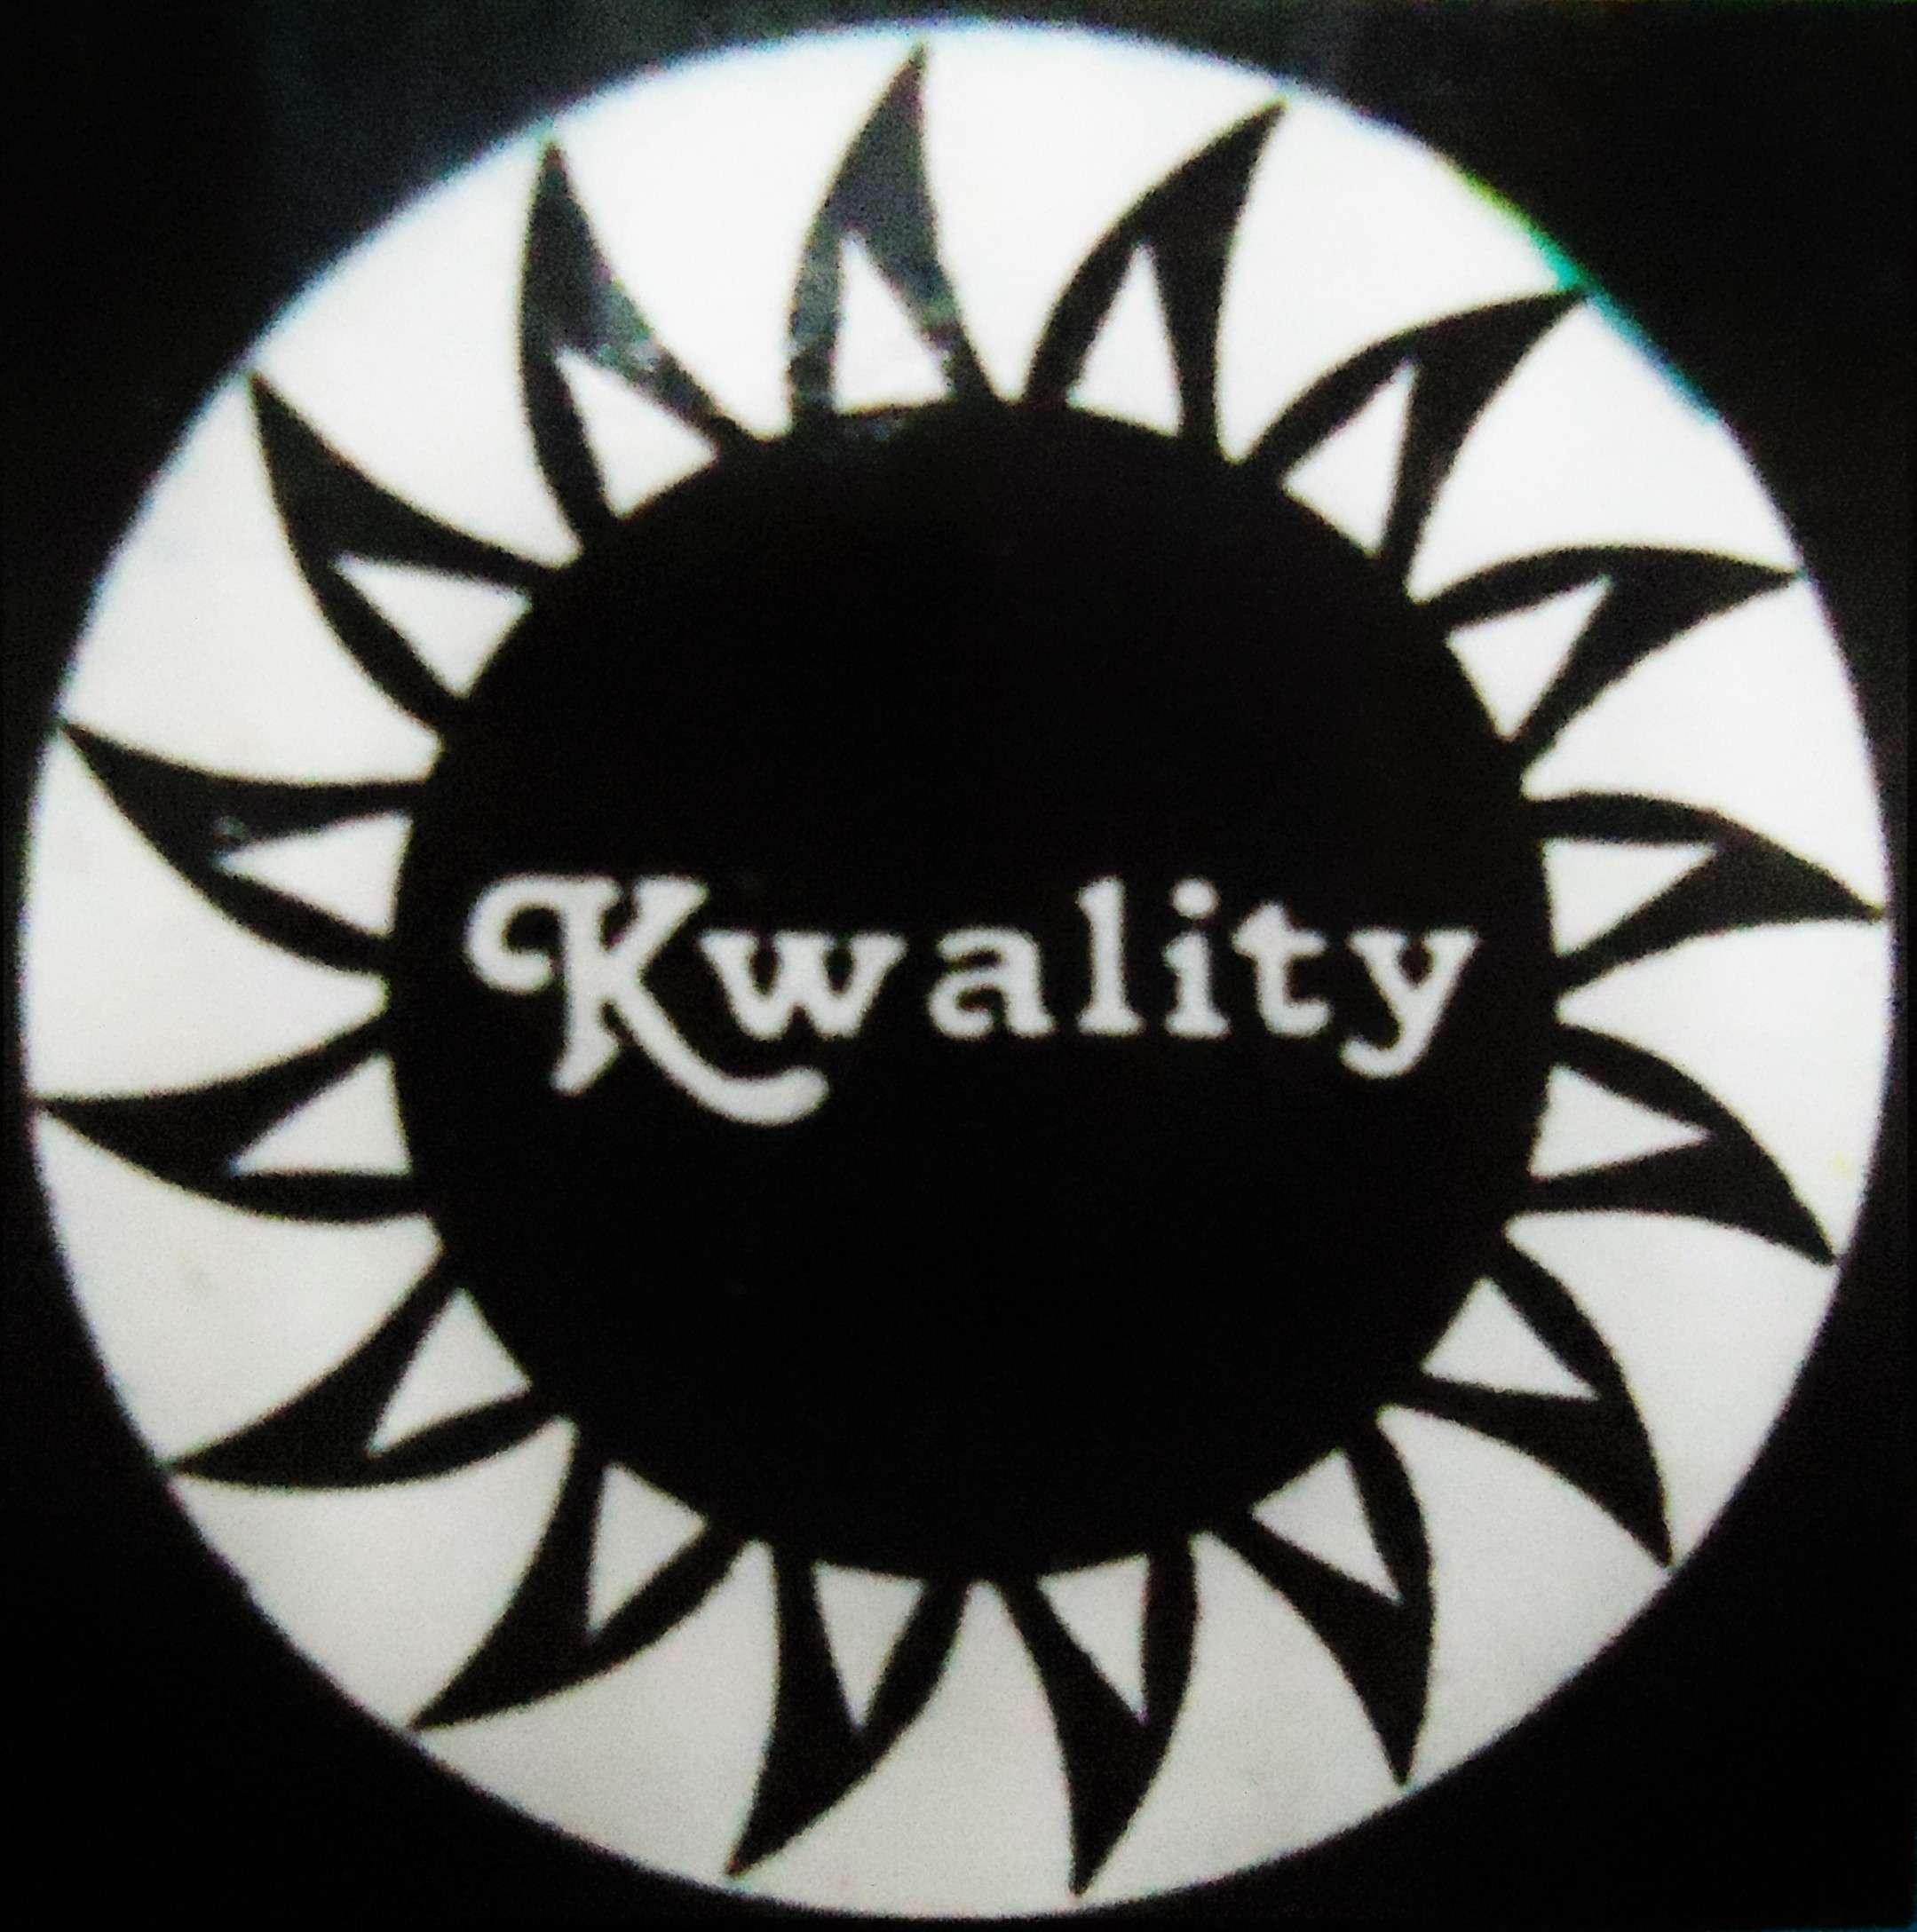 Kwality Metal Industry Moradabad